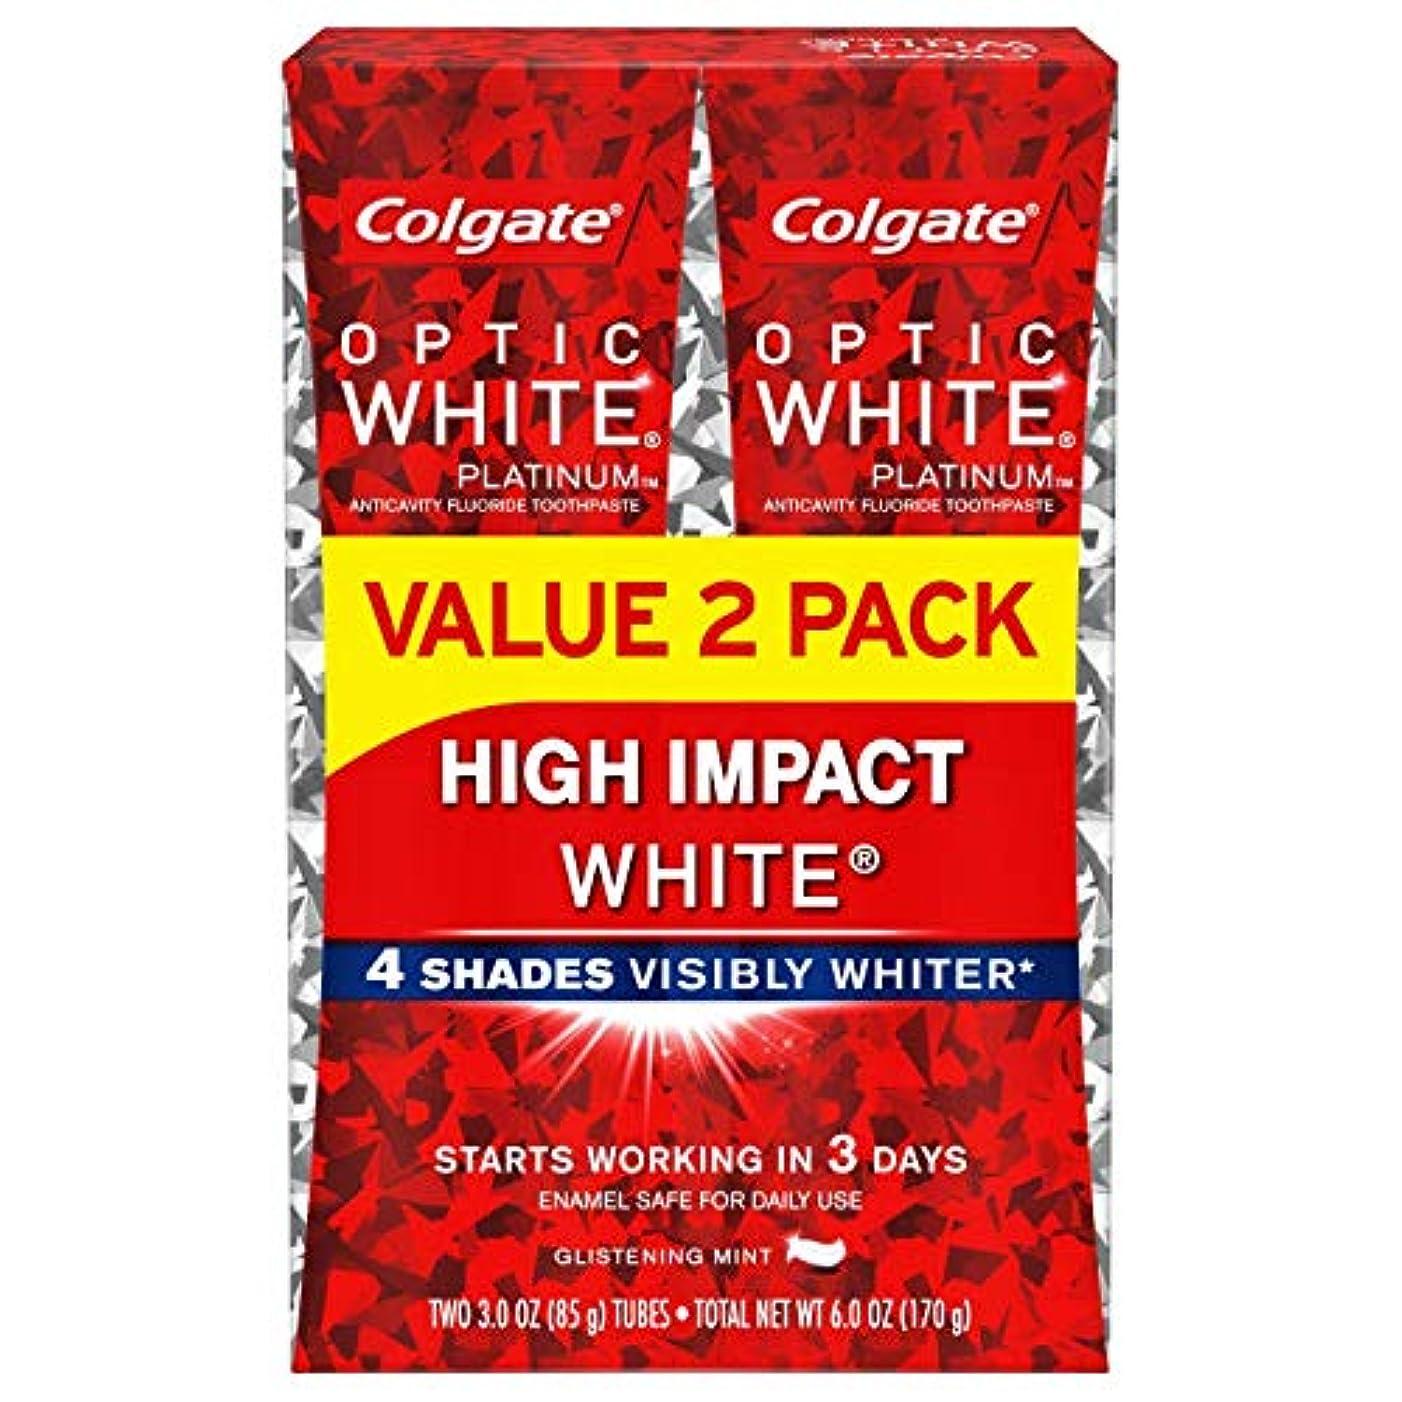 発信不調和弾性Colgate Optic White High Impact White 練り歯磨き [並行輸入品] (2個セット)